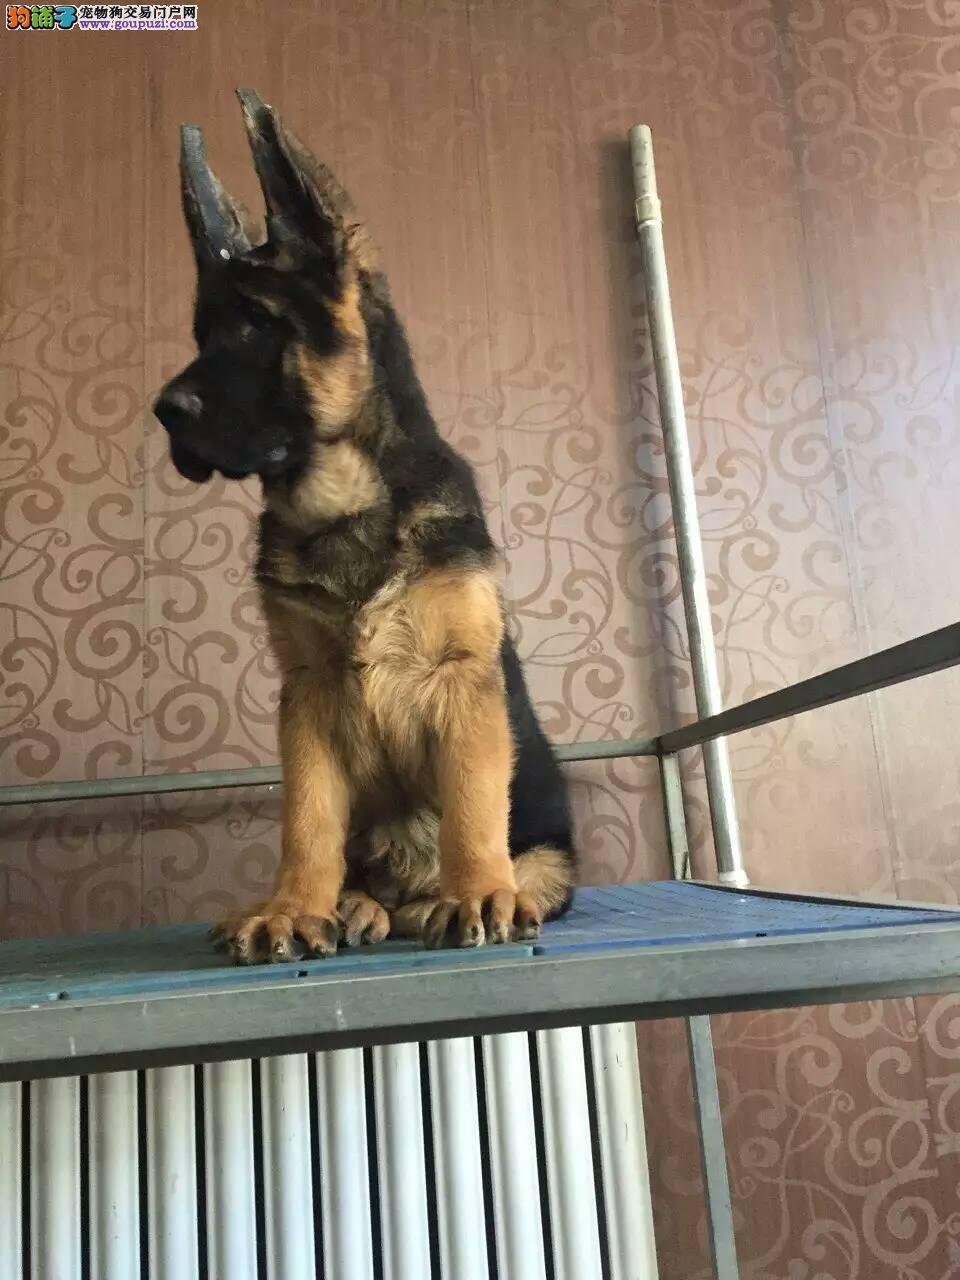 出售三个月狼狗 专业繁殖狼狗